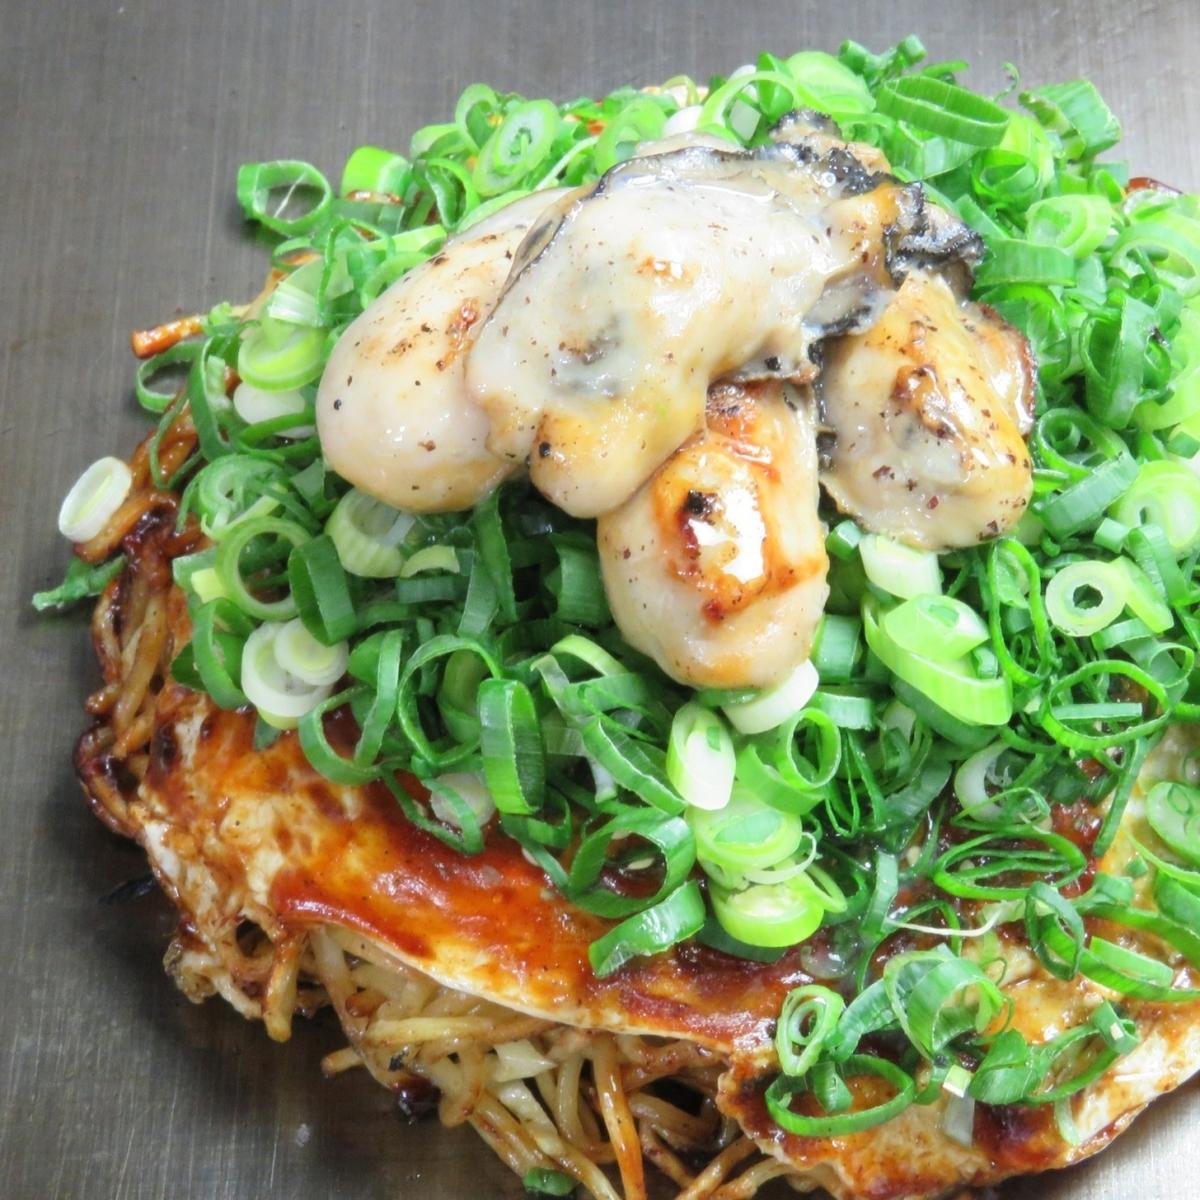 牡蛎生(叶,葱,牡蛎,荞麦面或乌冬面)